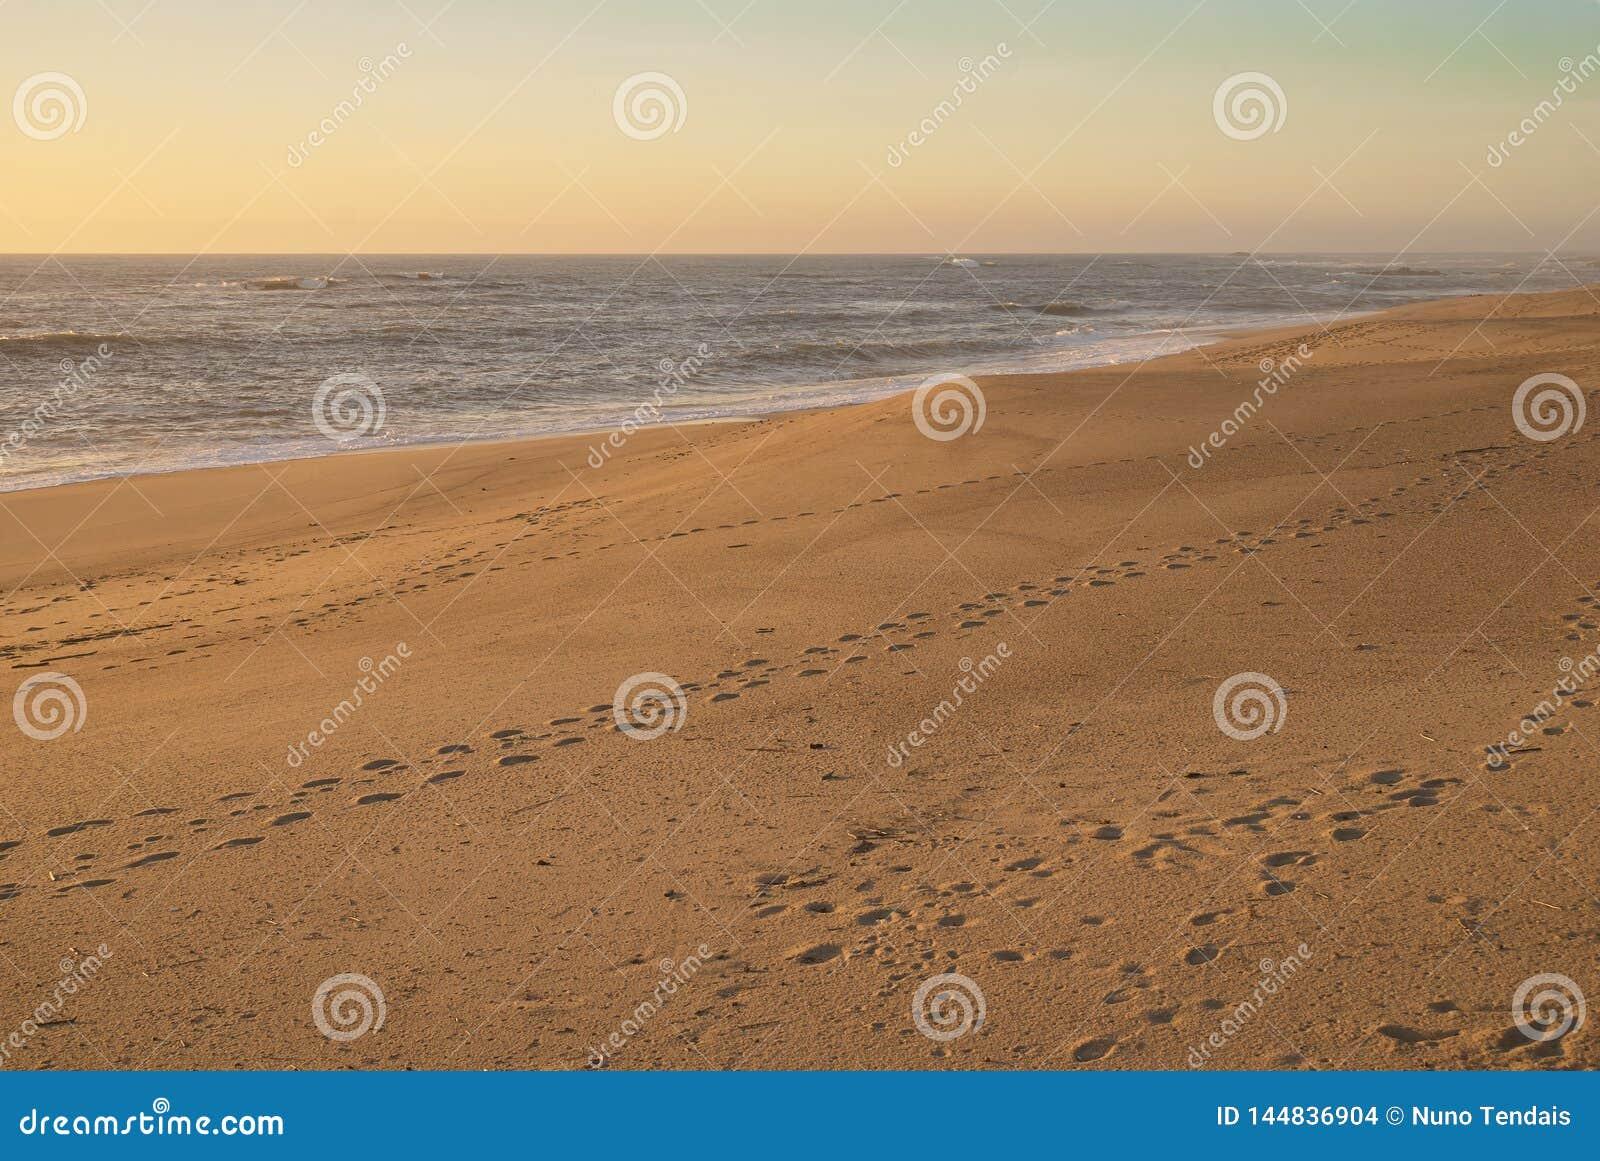 Huellas en la playa vac?a